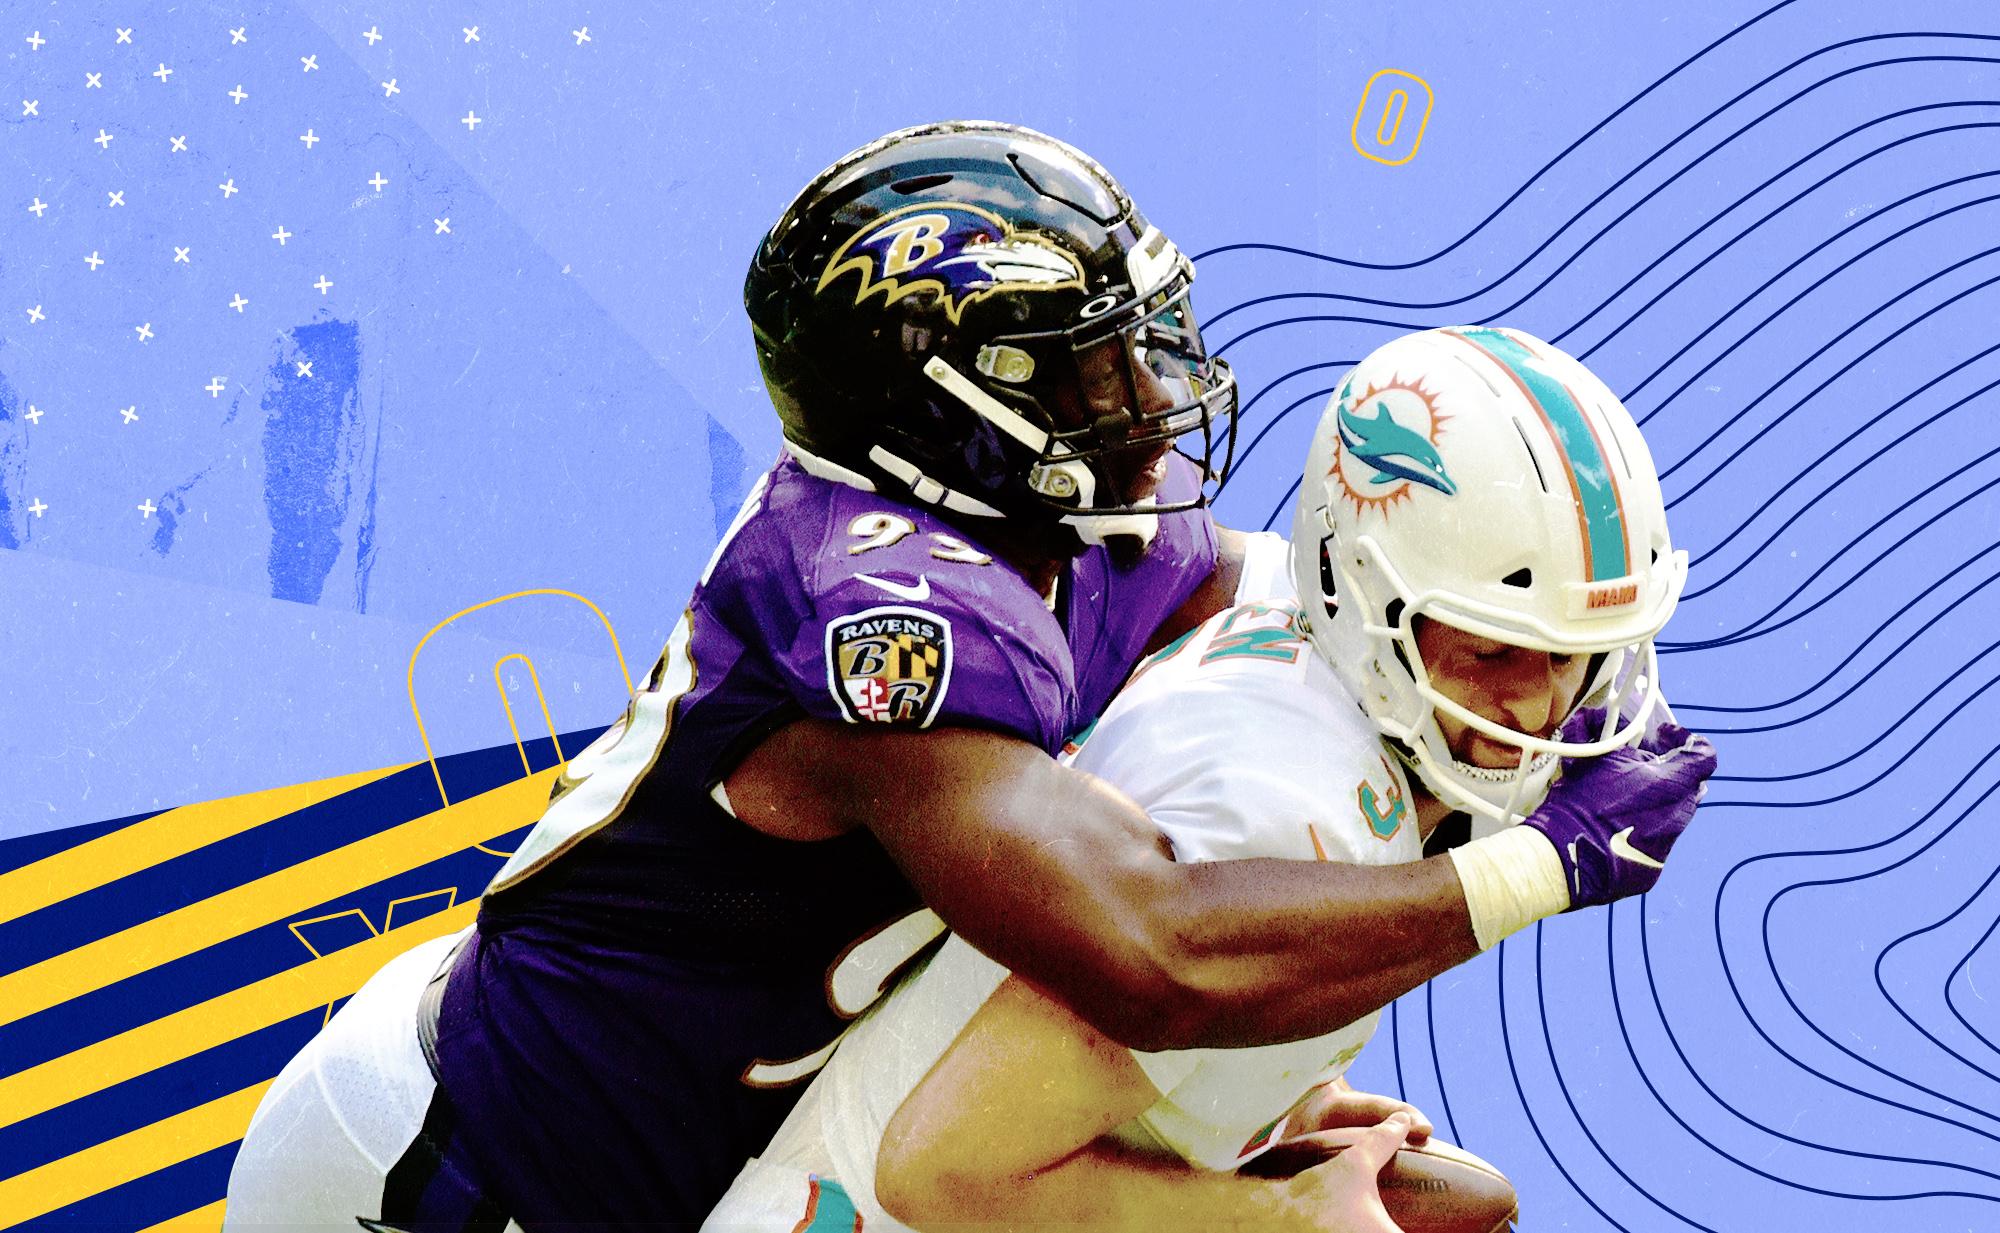 Ravens OLB Matthew Judon sacks Dolphins QB Josh Rosen